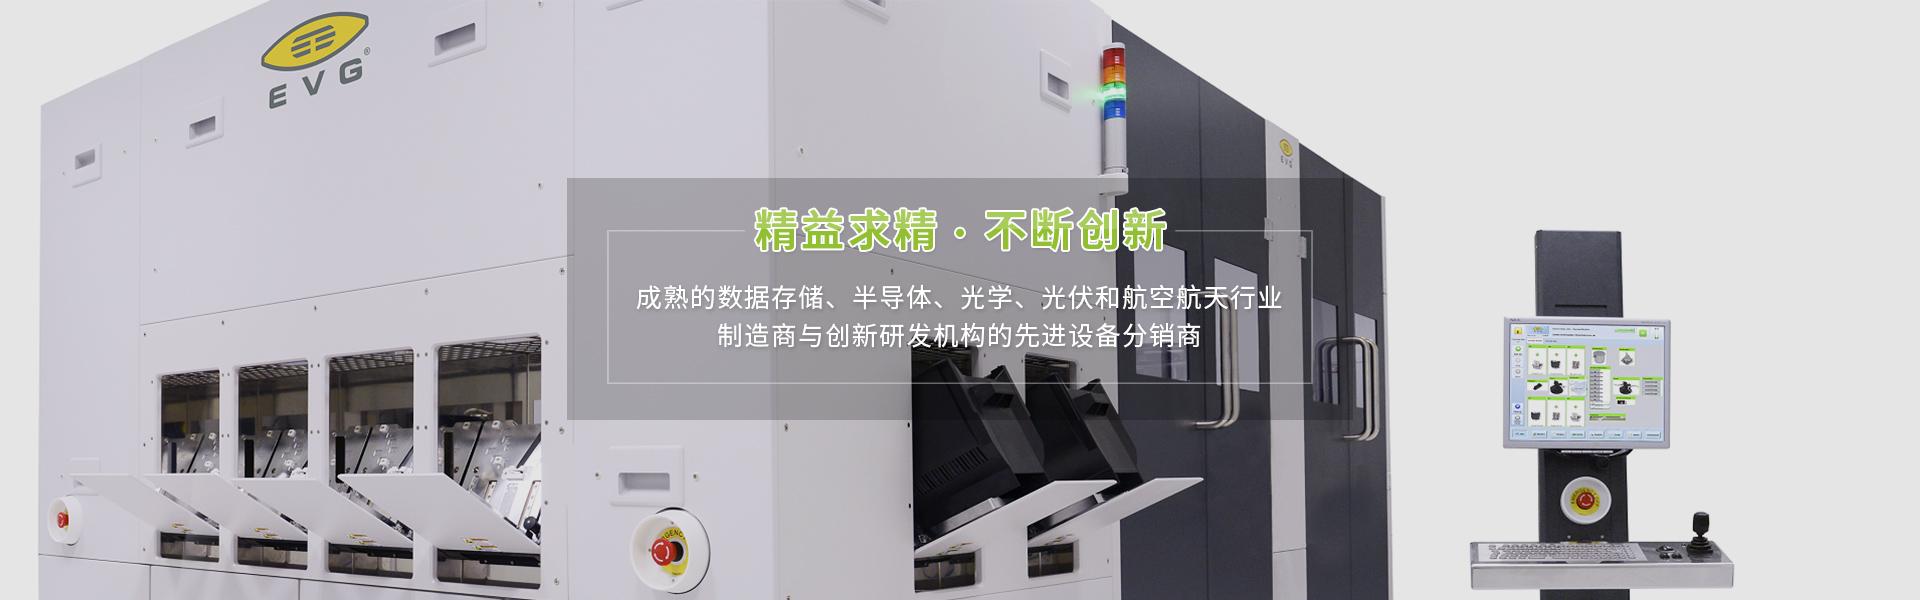 專業的數據存儲、半導體、光學設備提供